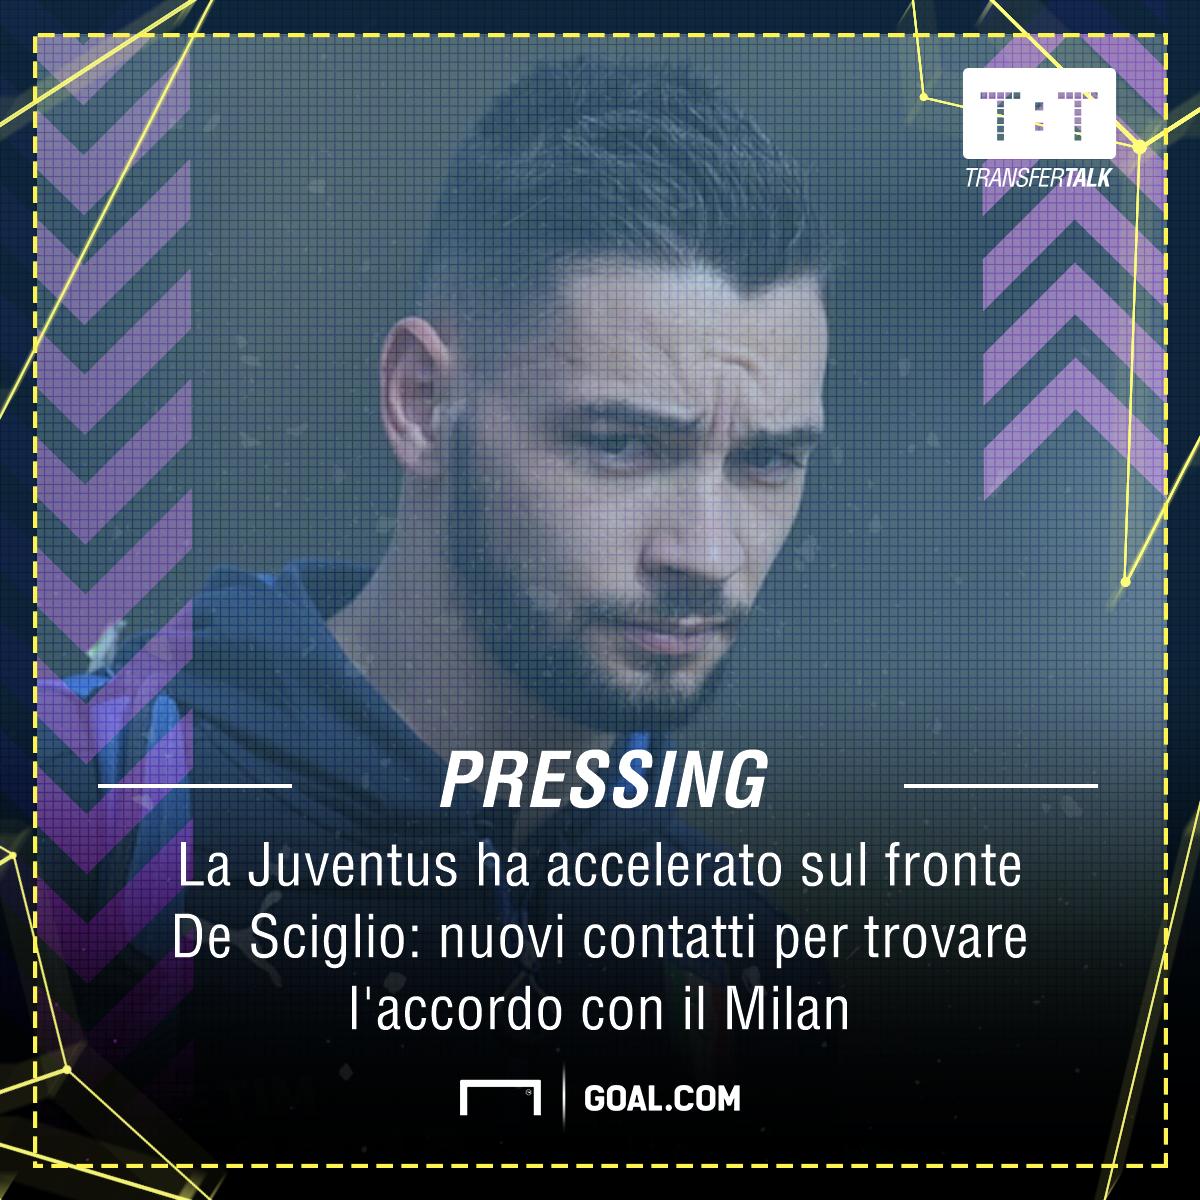 Milan, ipotesi scambio con la Juventus: De Sciglio per arrivare a Cuadrado?